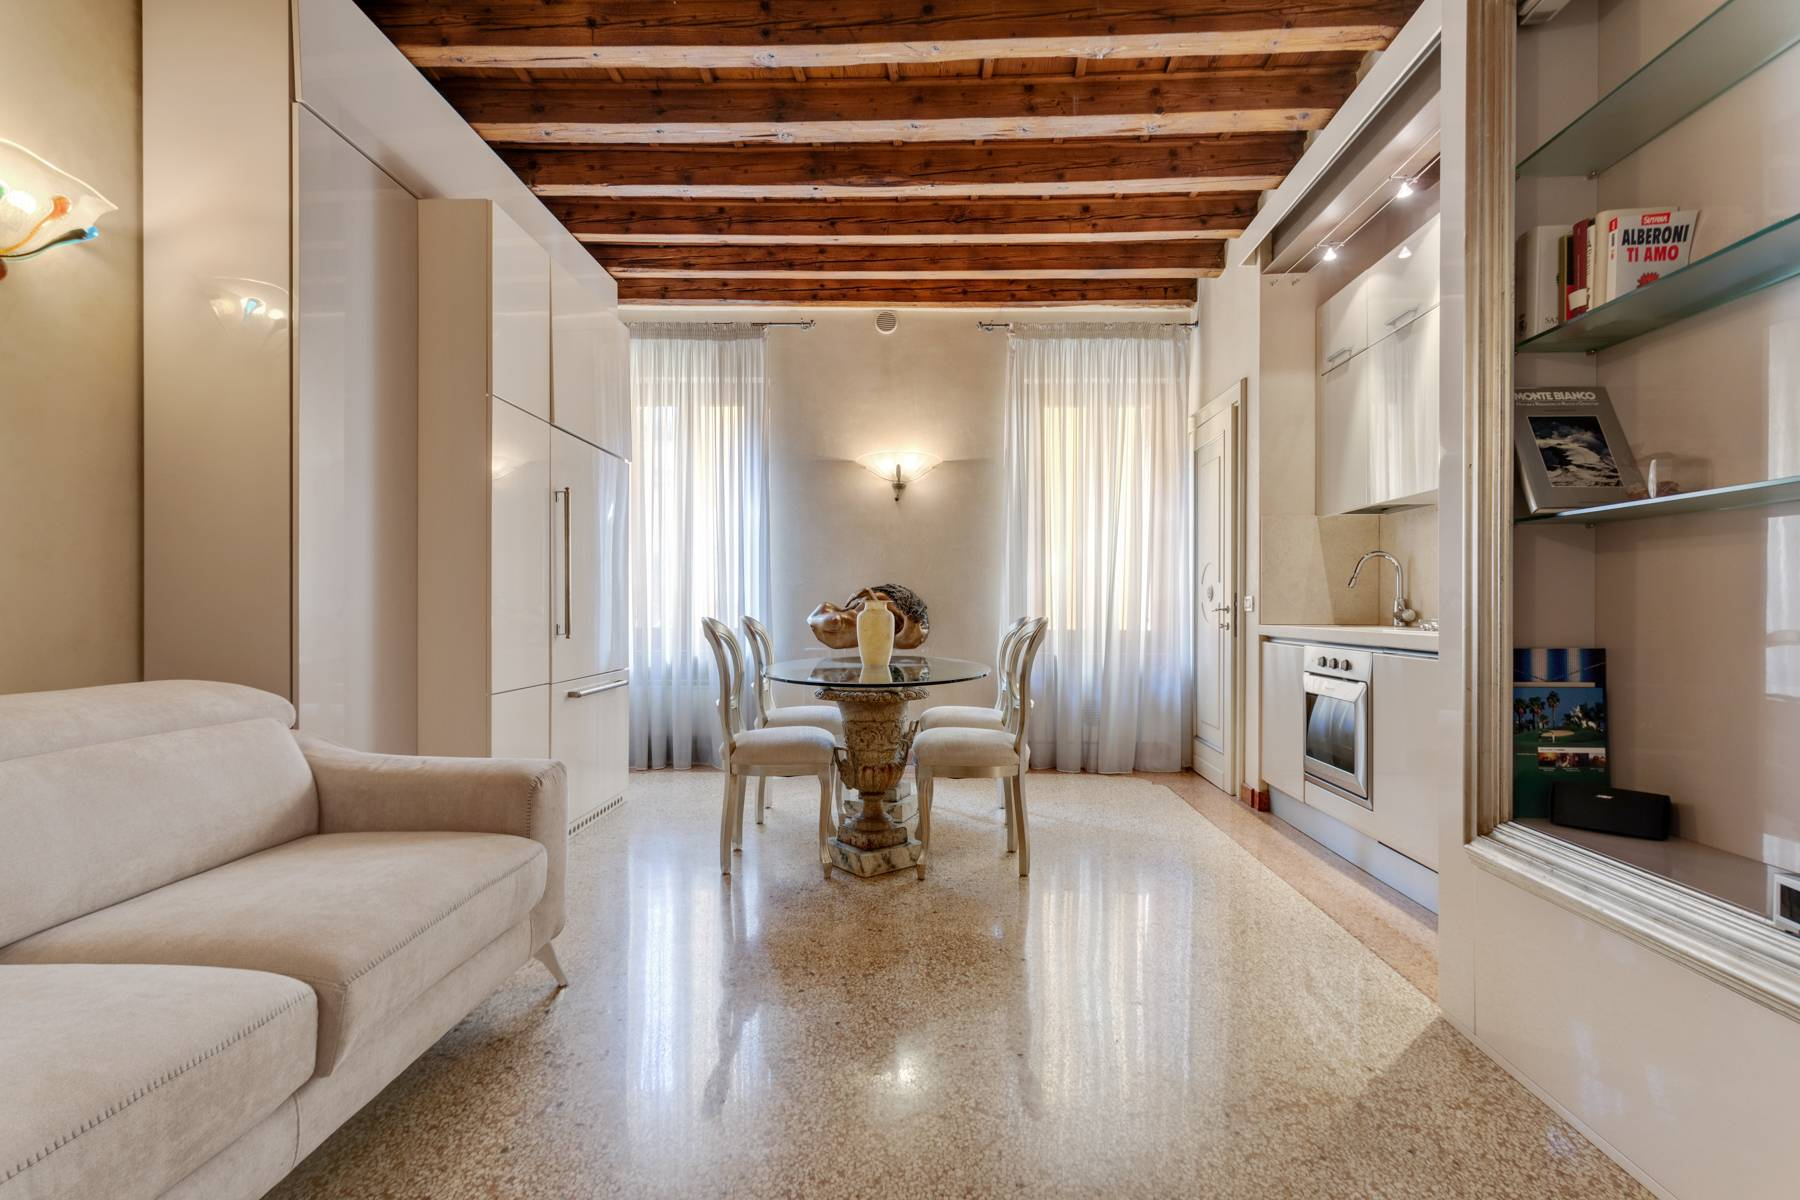 Appartamento in Vendita a Verona: 3 locali, 55 mq - Foto 1